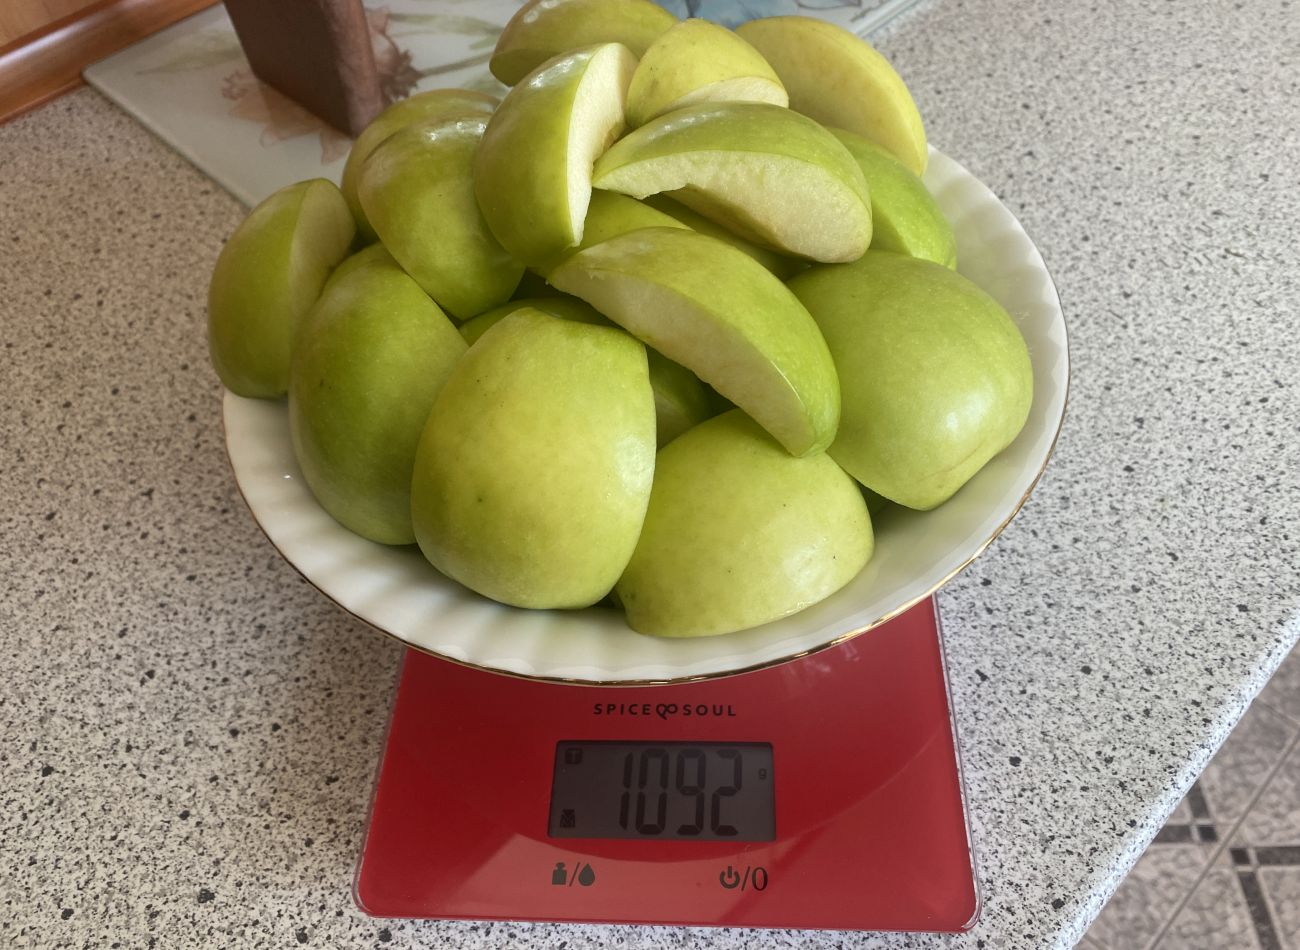 Götze & Jensen SJ901T waga i stan jabłek przed testem wyciskania